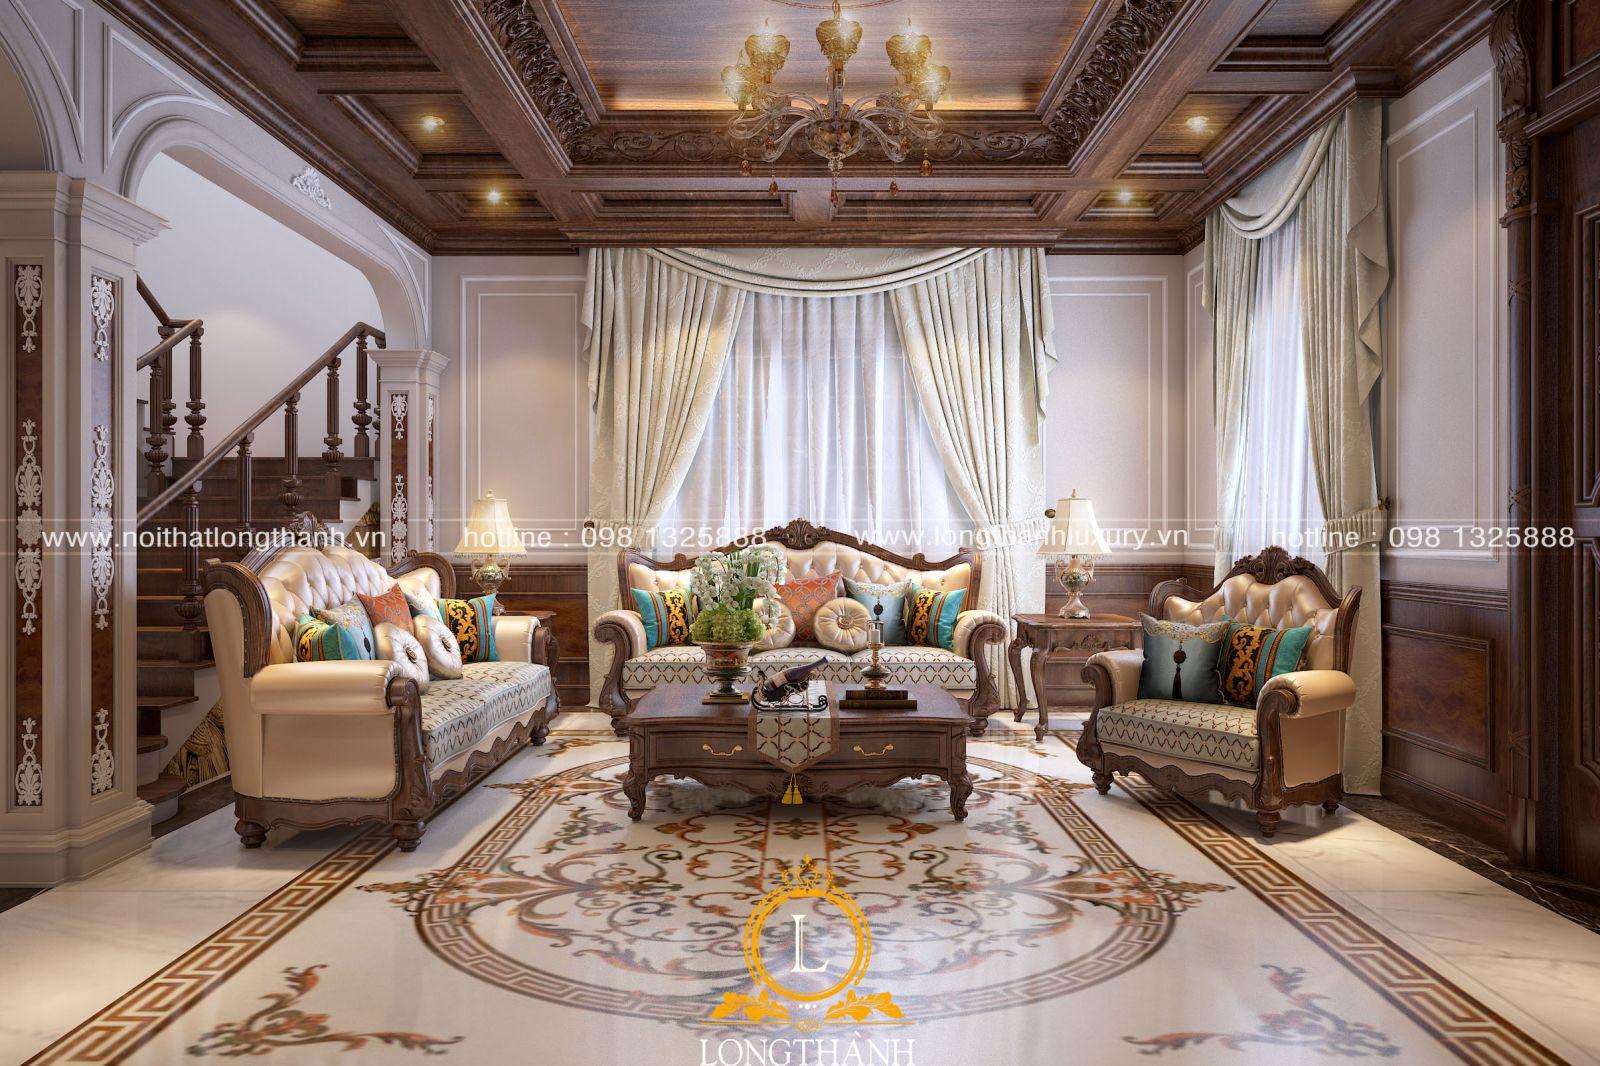 Mẫu thiêt kế sofa tân cổ điển đẳng cấp cho từng căn hộ